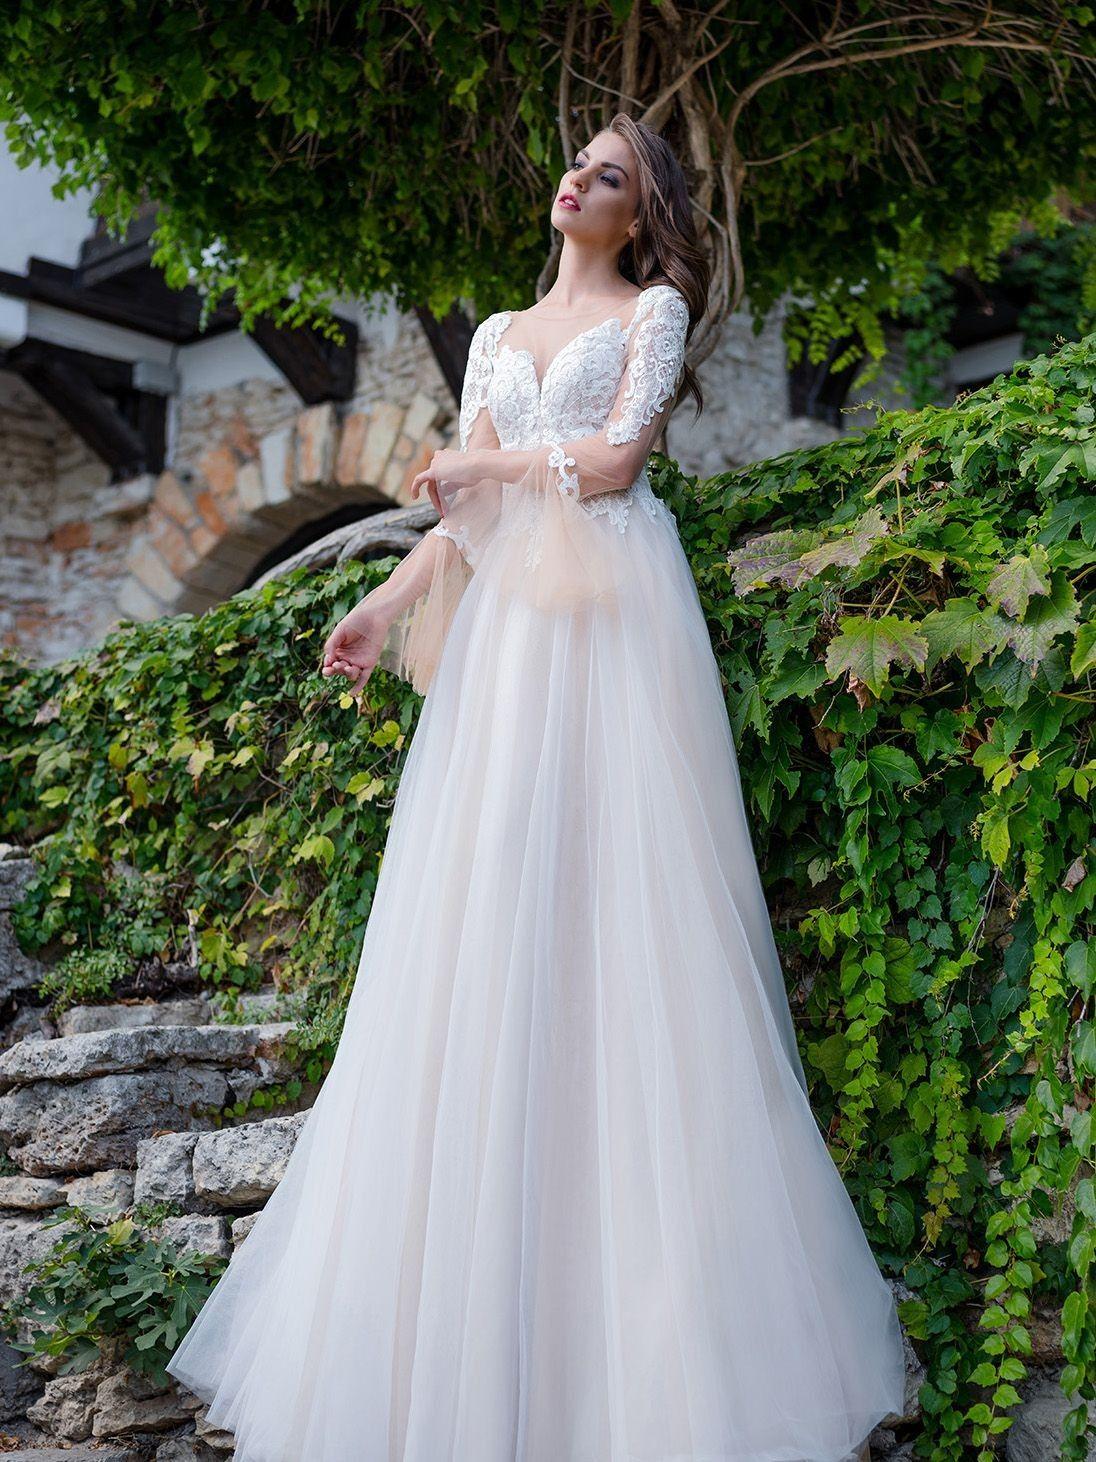 e91afeb199af Krásne svadobné šaty s dlhým rukávom a jemnou tylovou sukňou ...